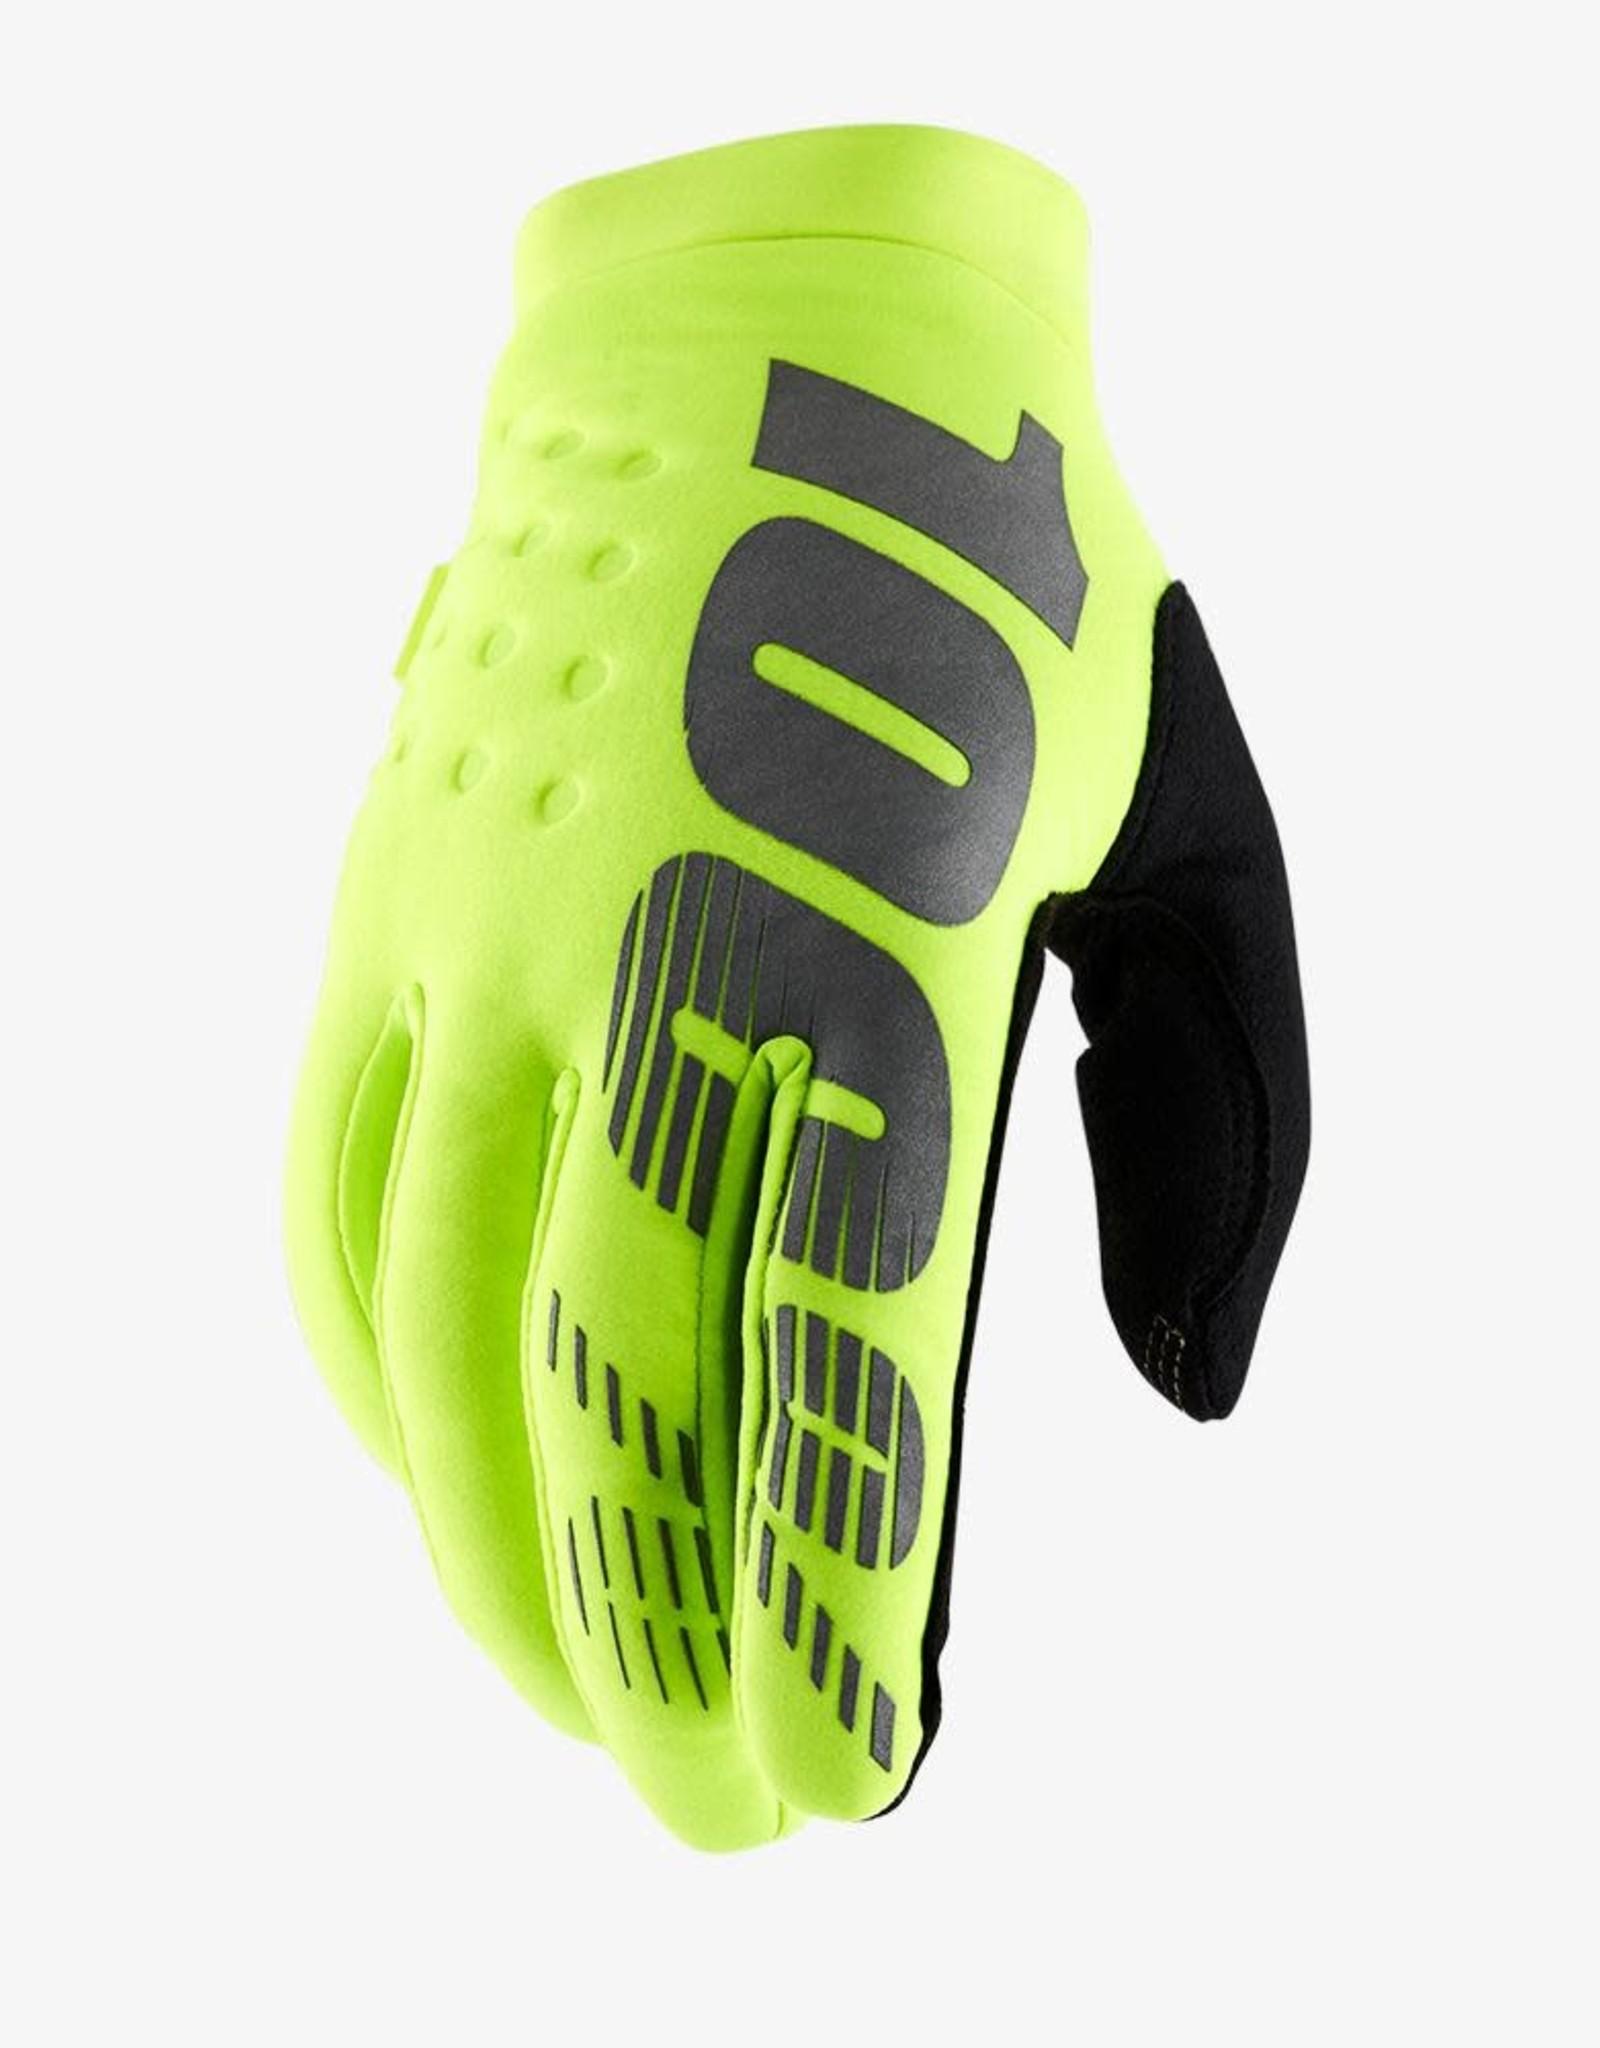 100% 100% Brisker Cold Weather Gloves - Mens